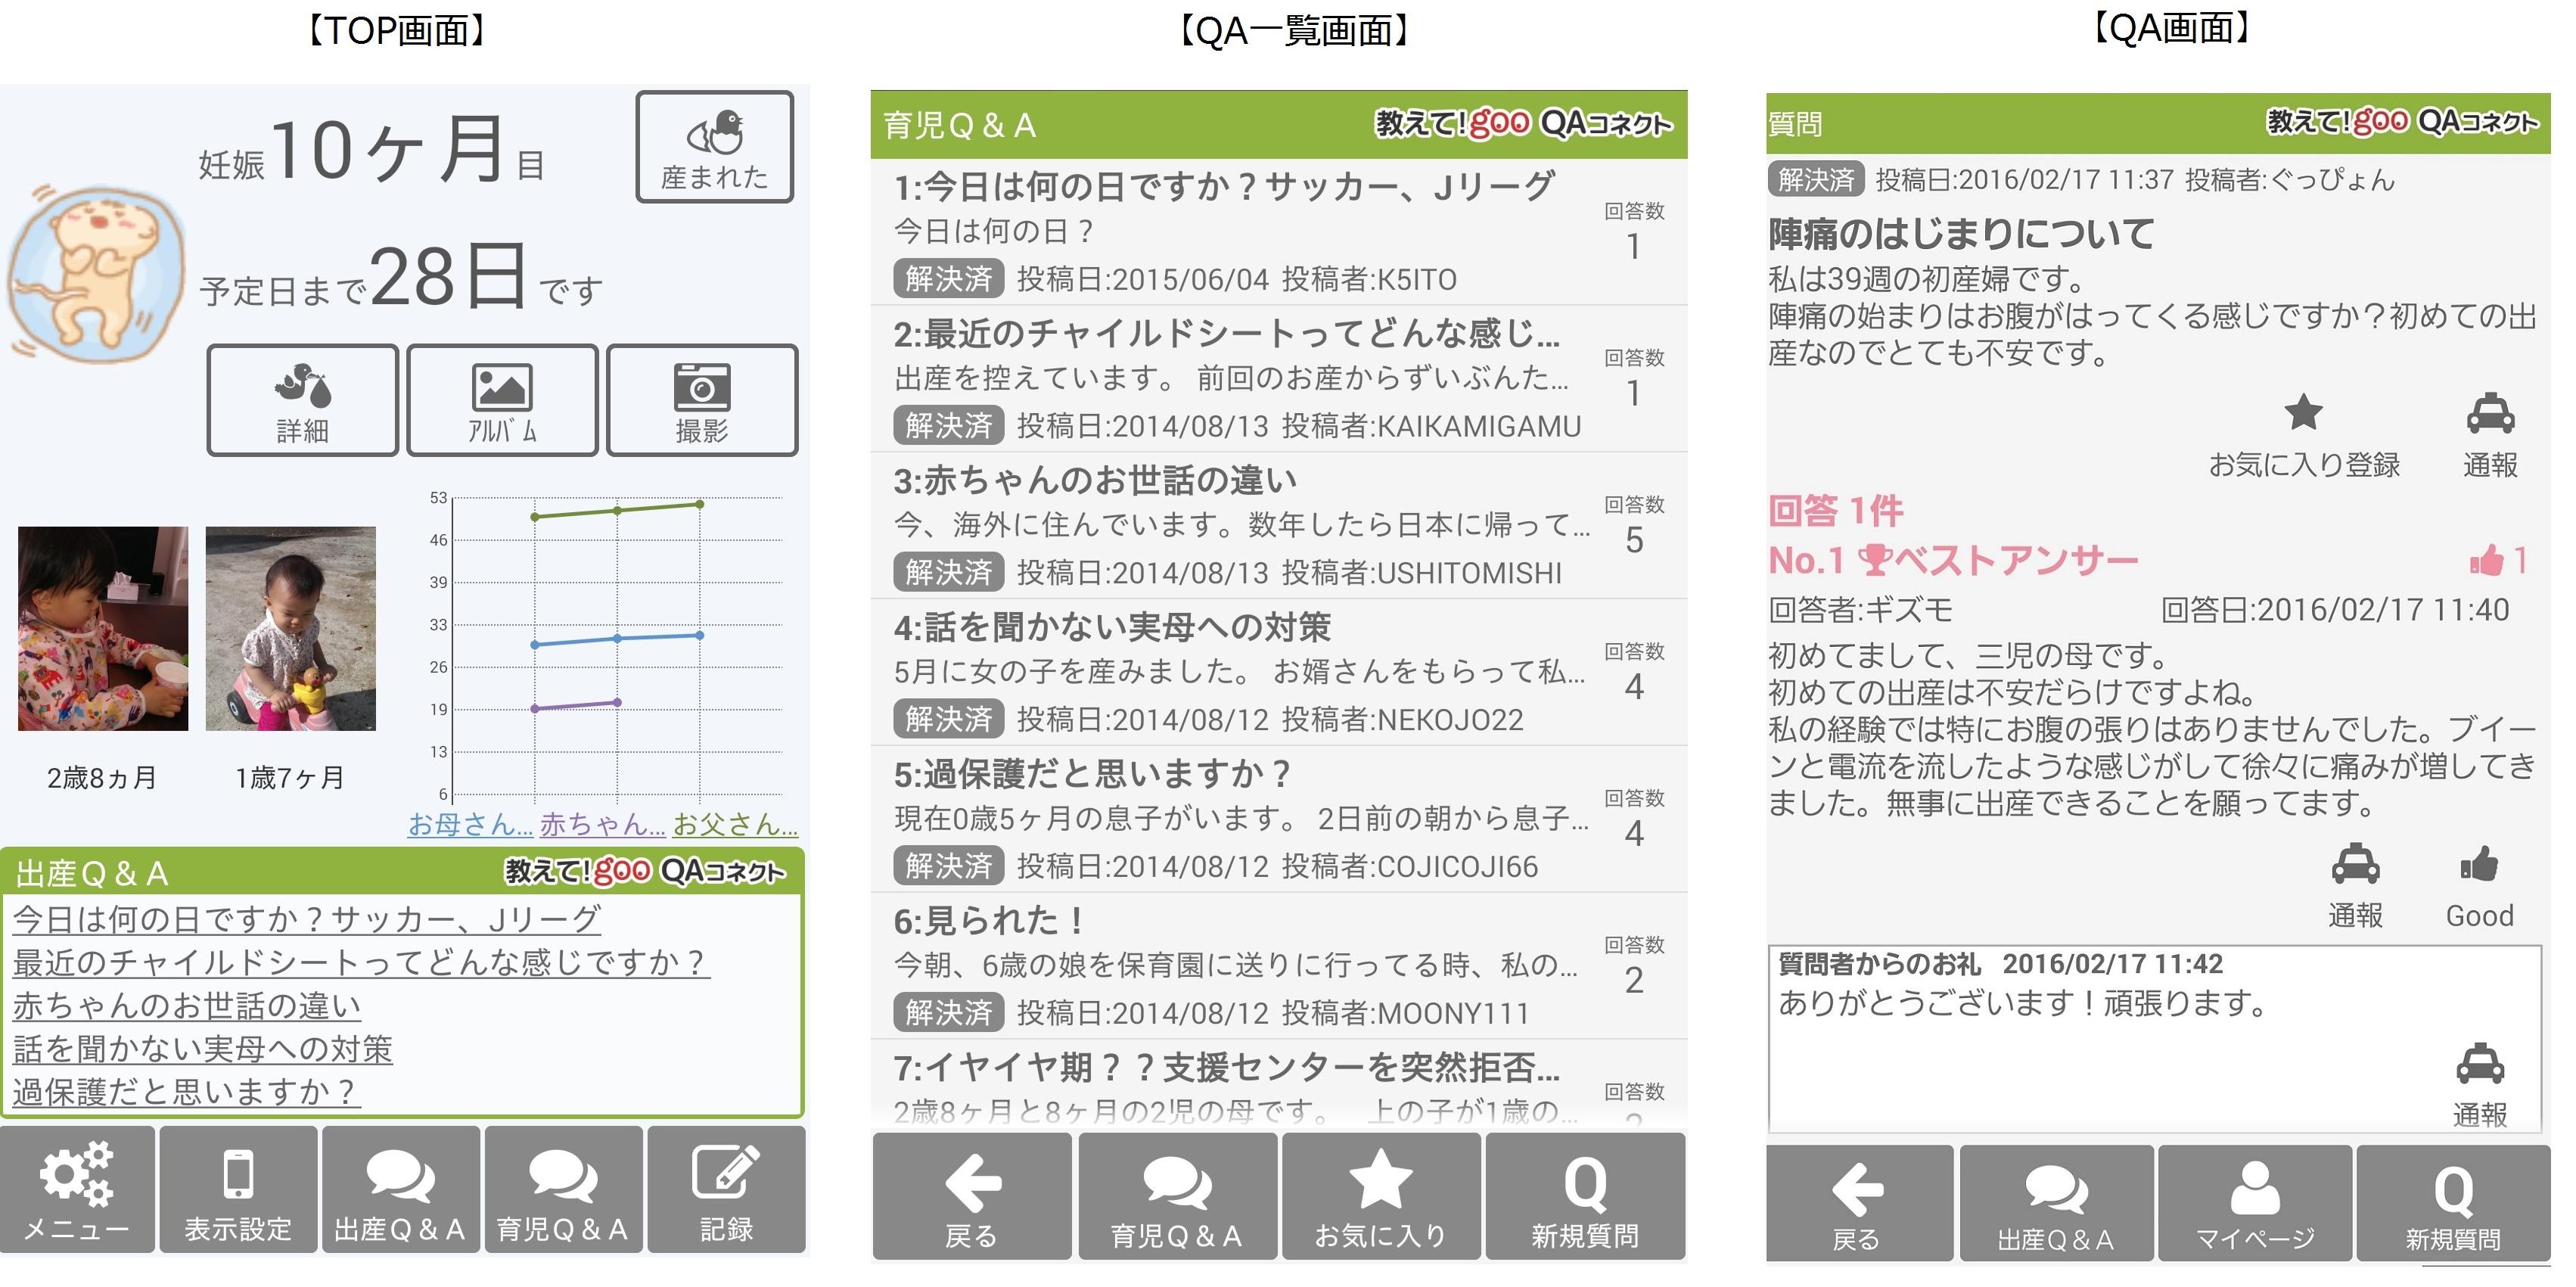 画面(イメージ)